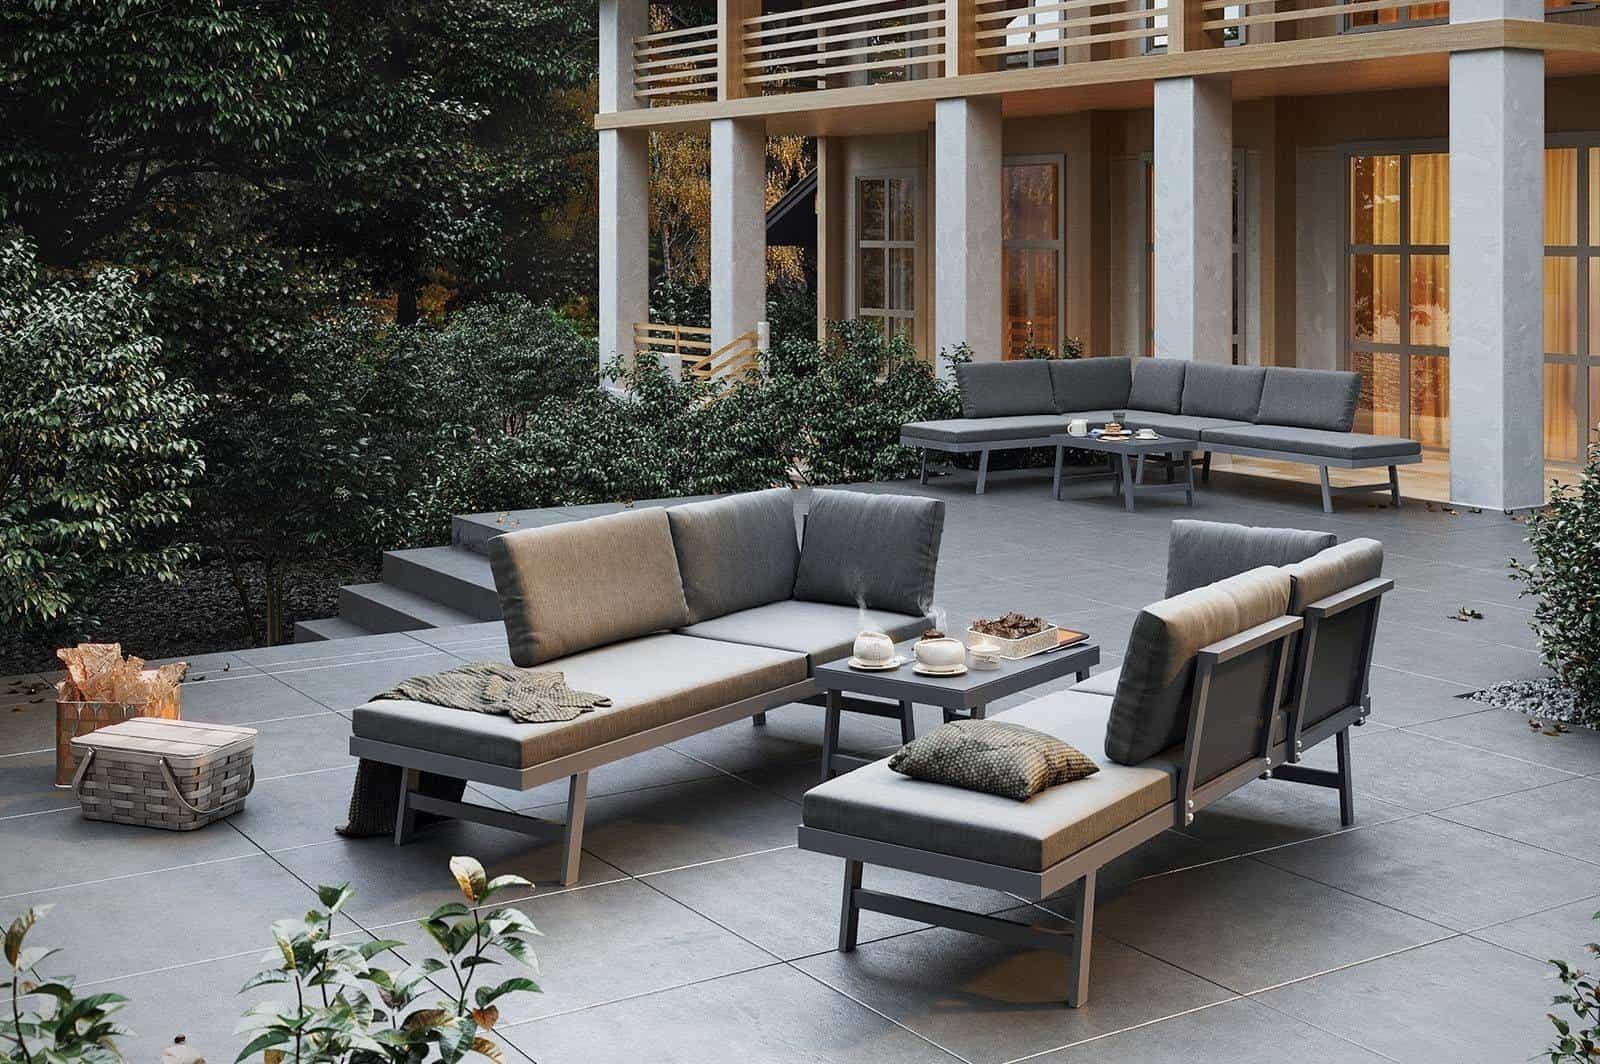 Kanapy ogrodowe – rozsiądź się wygodnie i odpocznij!